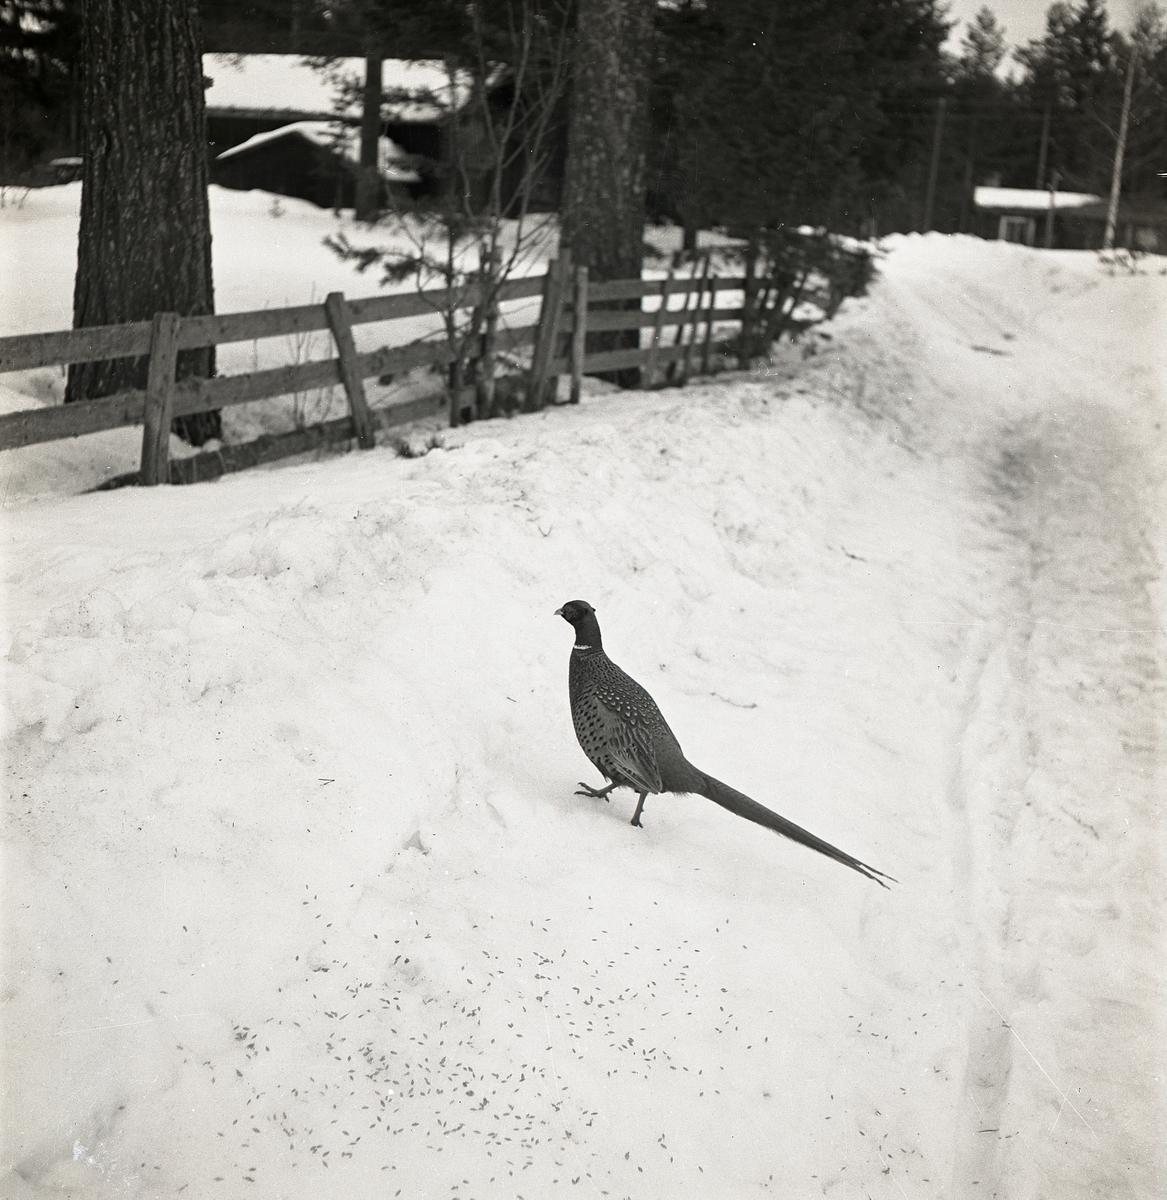 En fasan på vägren i snö, Glösbo 6 april 1951. Frön på marken. Ett staket samt byggnader i bakgrunden.